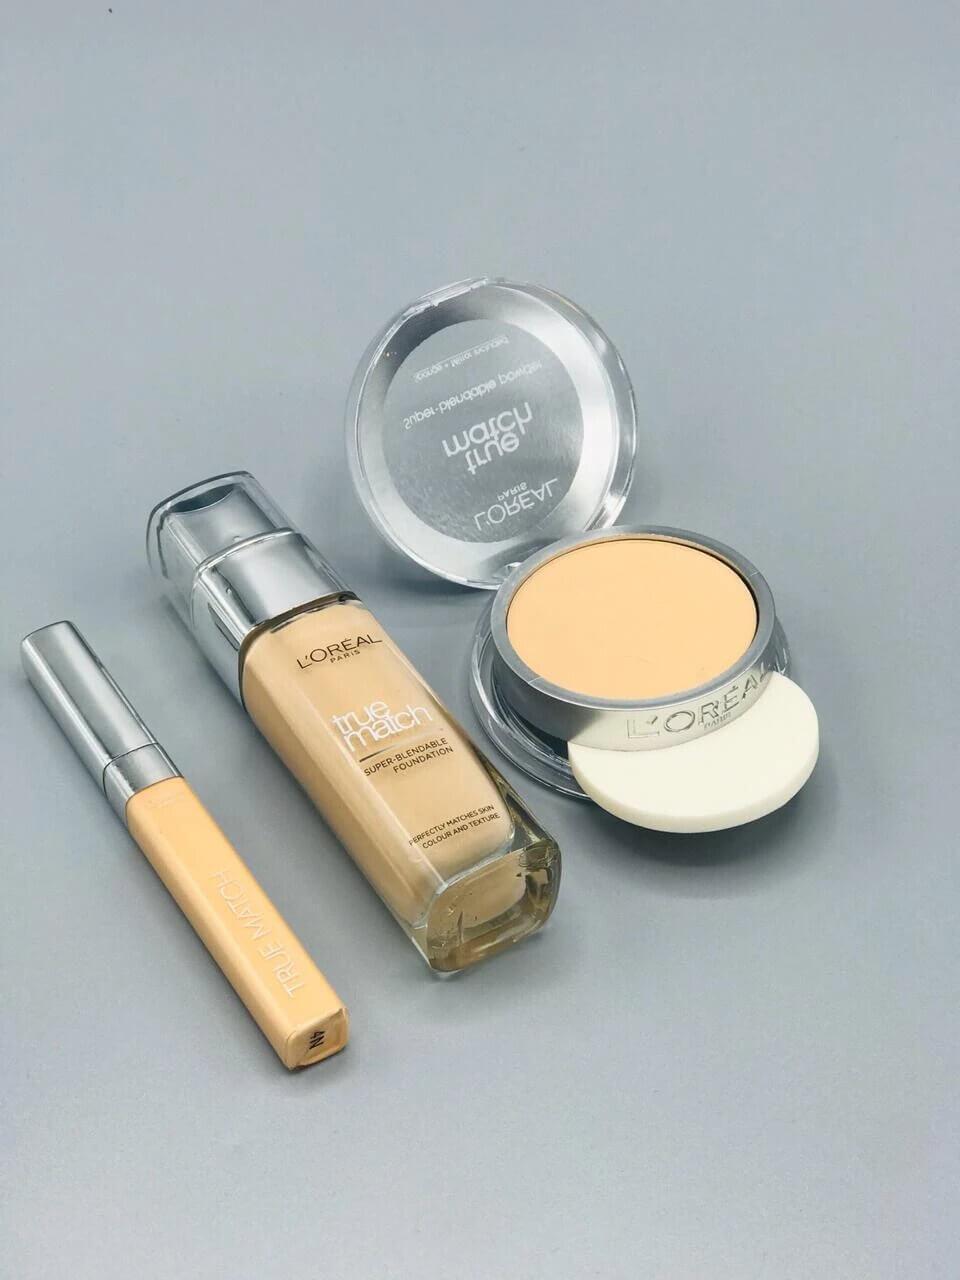 L'Oreal Paris Face Powder For Women Price In Pakistan sanwarna.pk